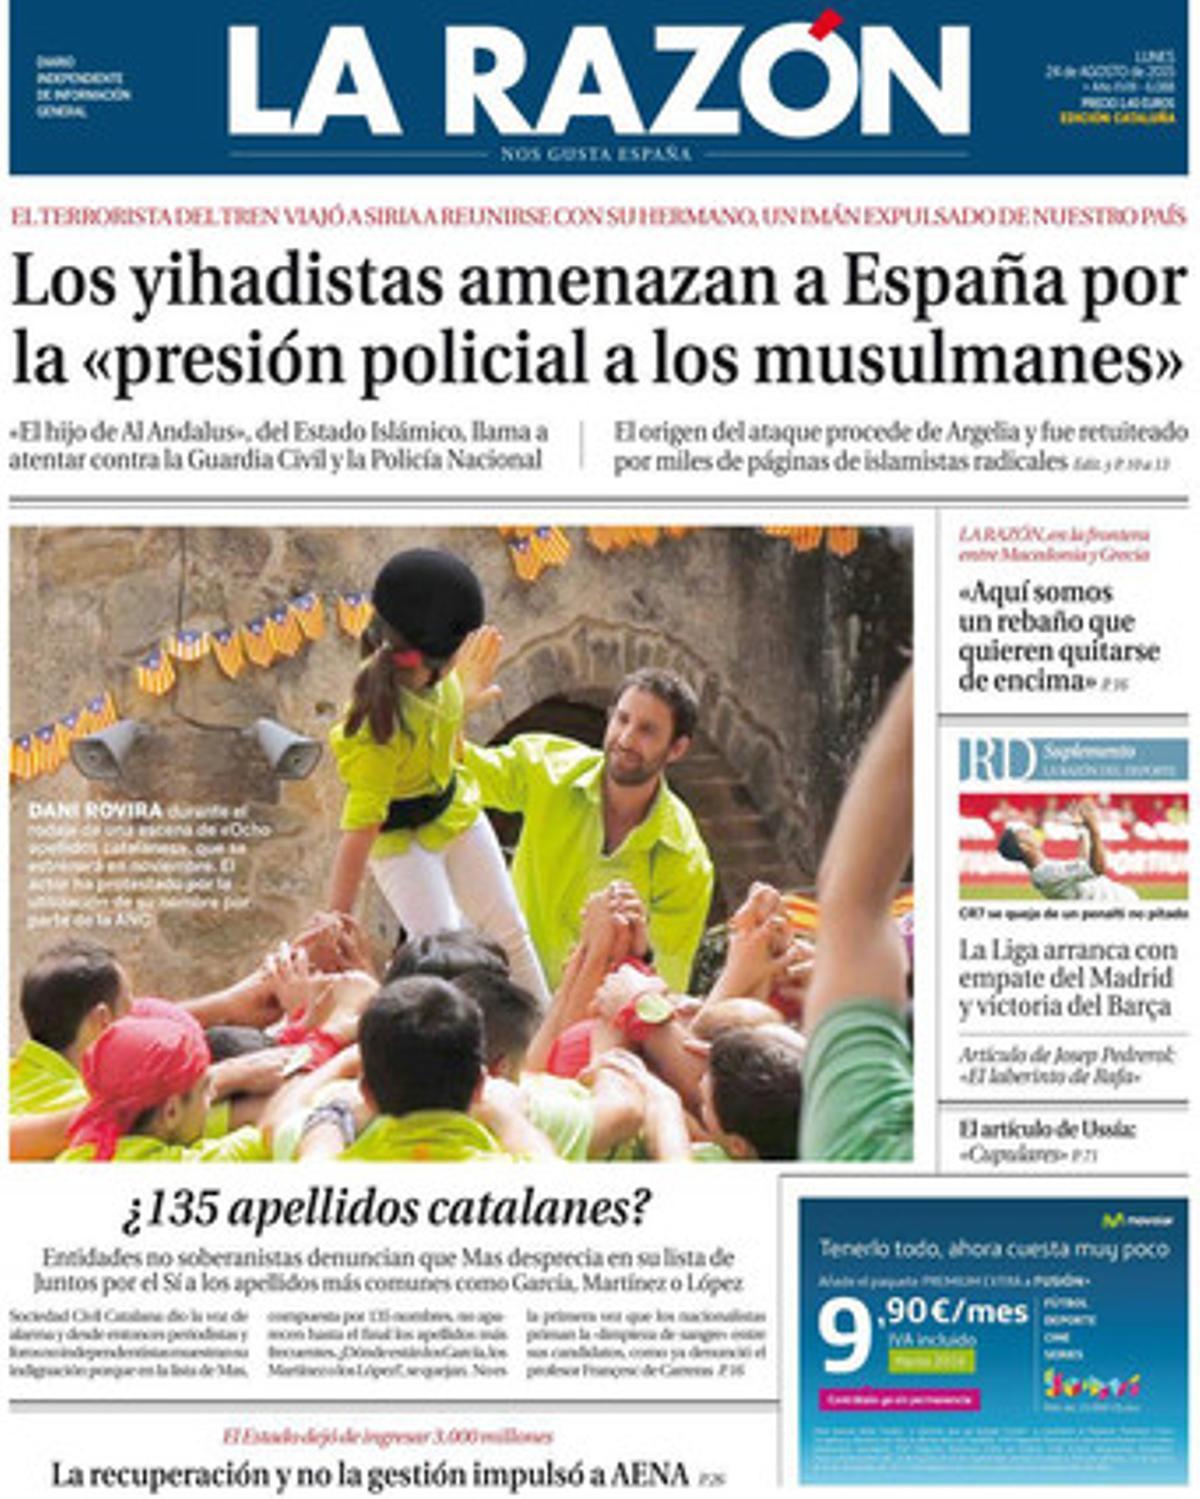 """'La Razón' denuncia una """"limpieza de sangre separatista"""" de Junts pel Sí"""